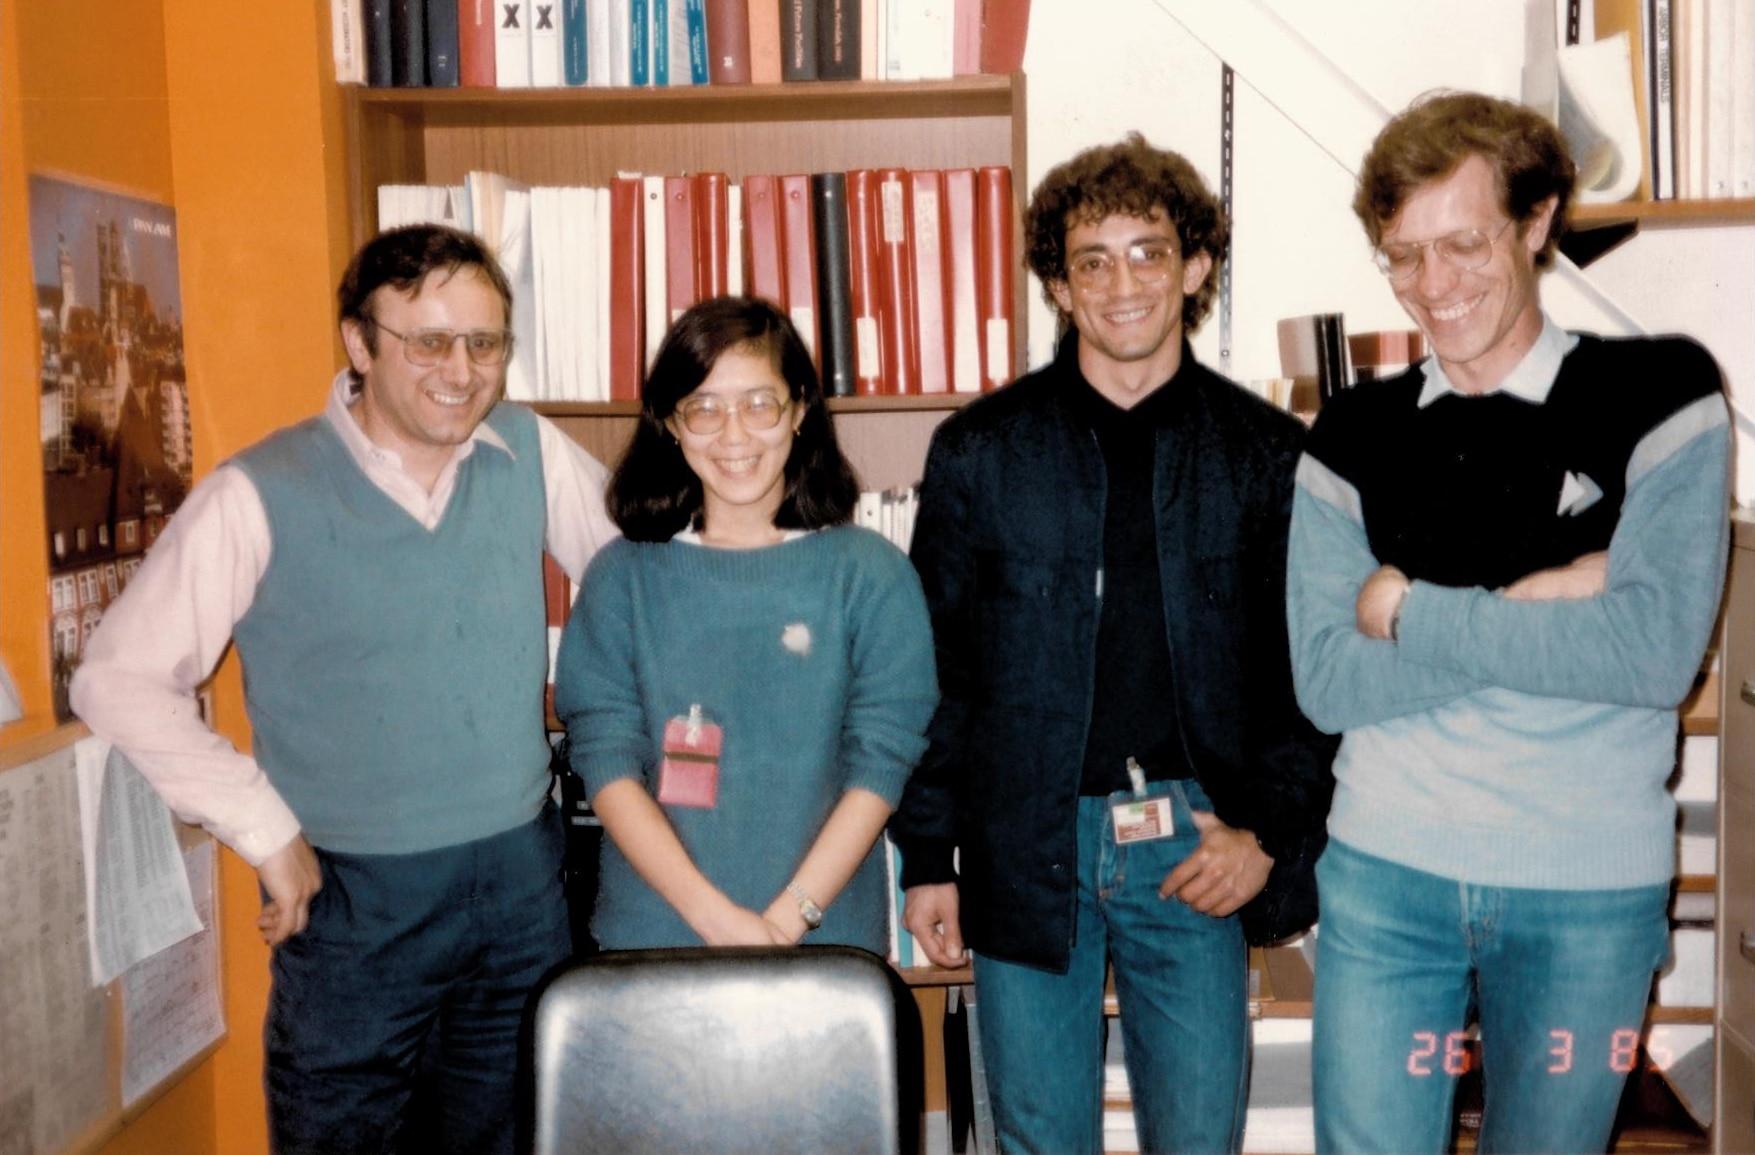 Quatro cientistas lado a lado; somente um é mulher